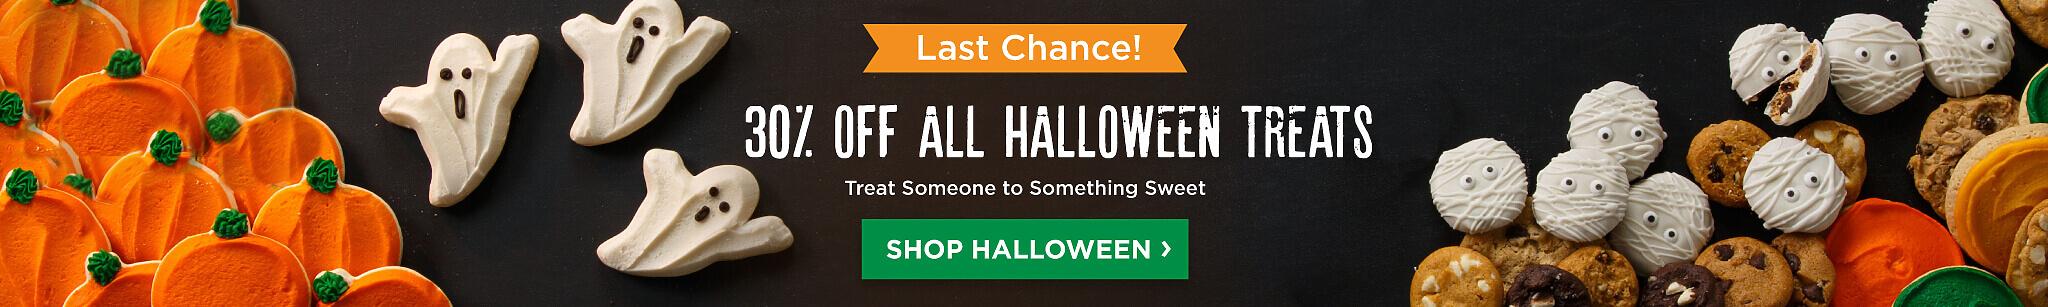 30% Off All Halloween Treats